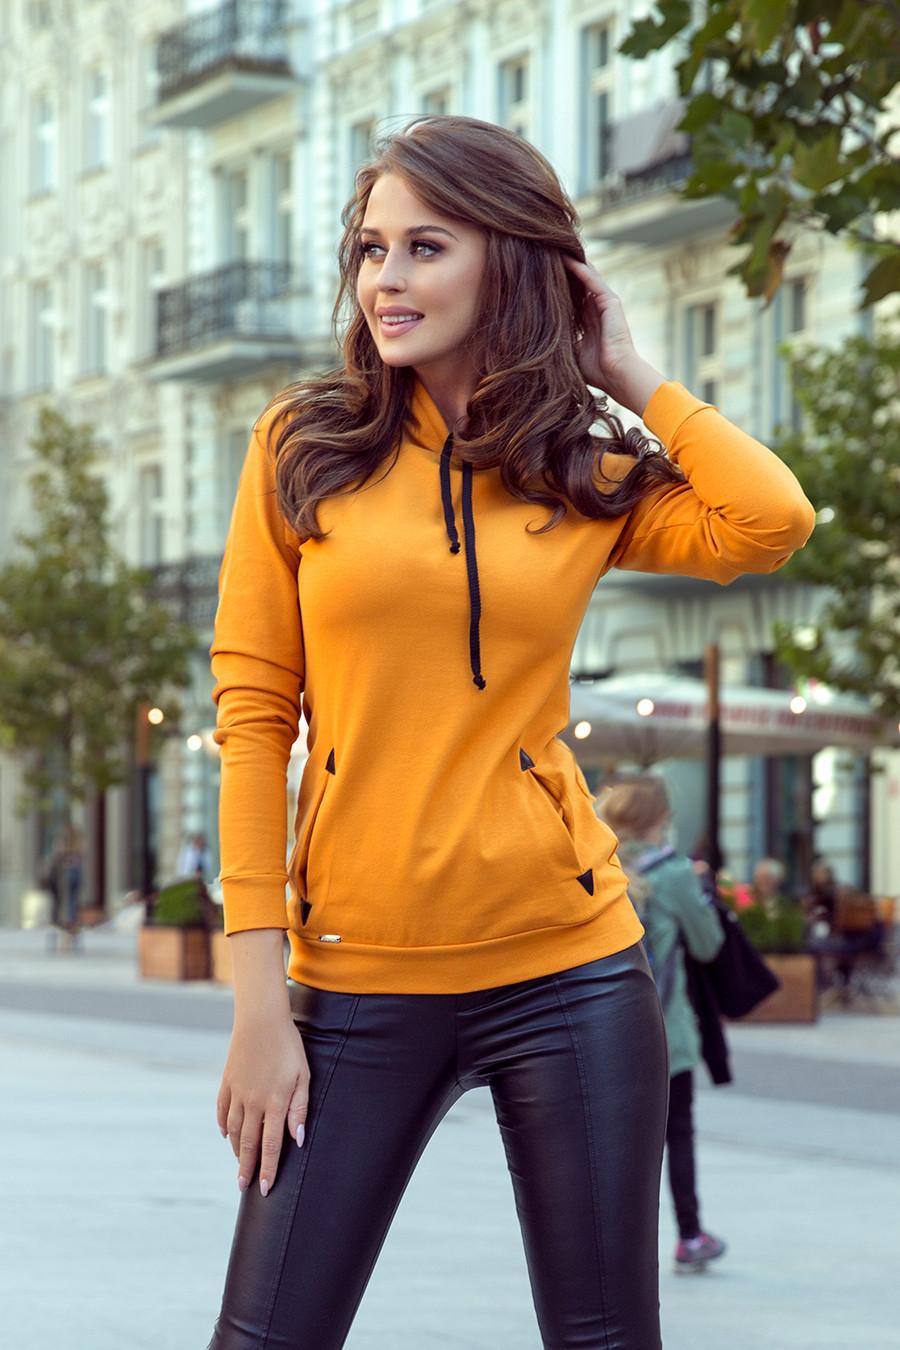 Dámska mikina 262-1 - NUMOCO žlto-oranžová XS